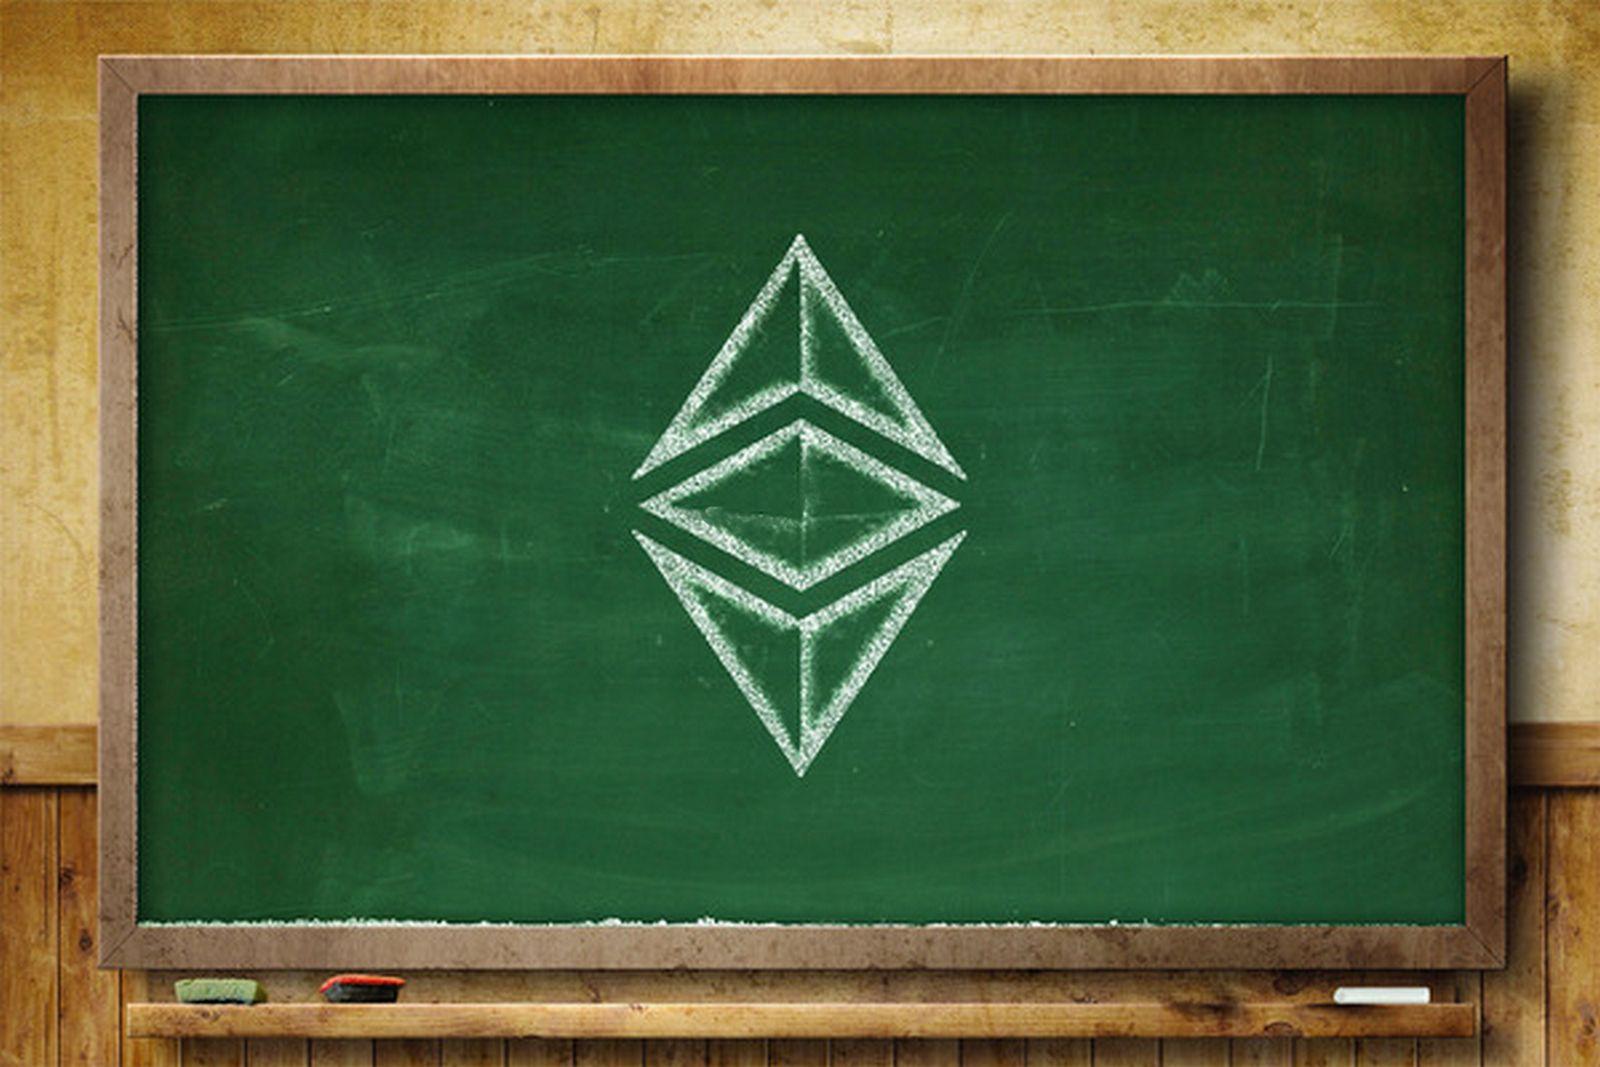 Etc wallpaper chalkboard